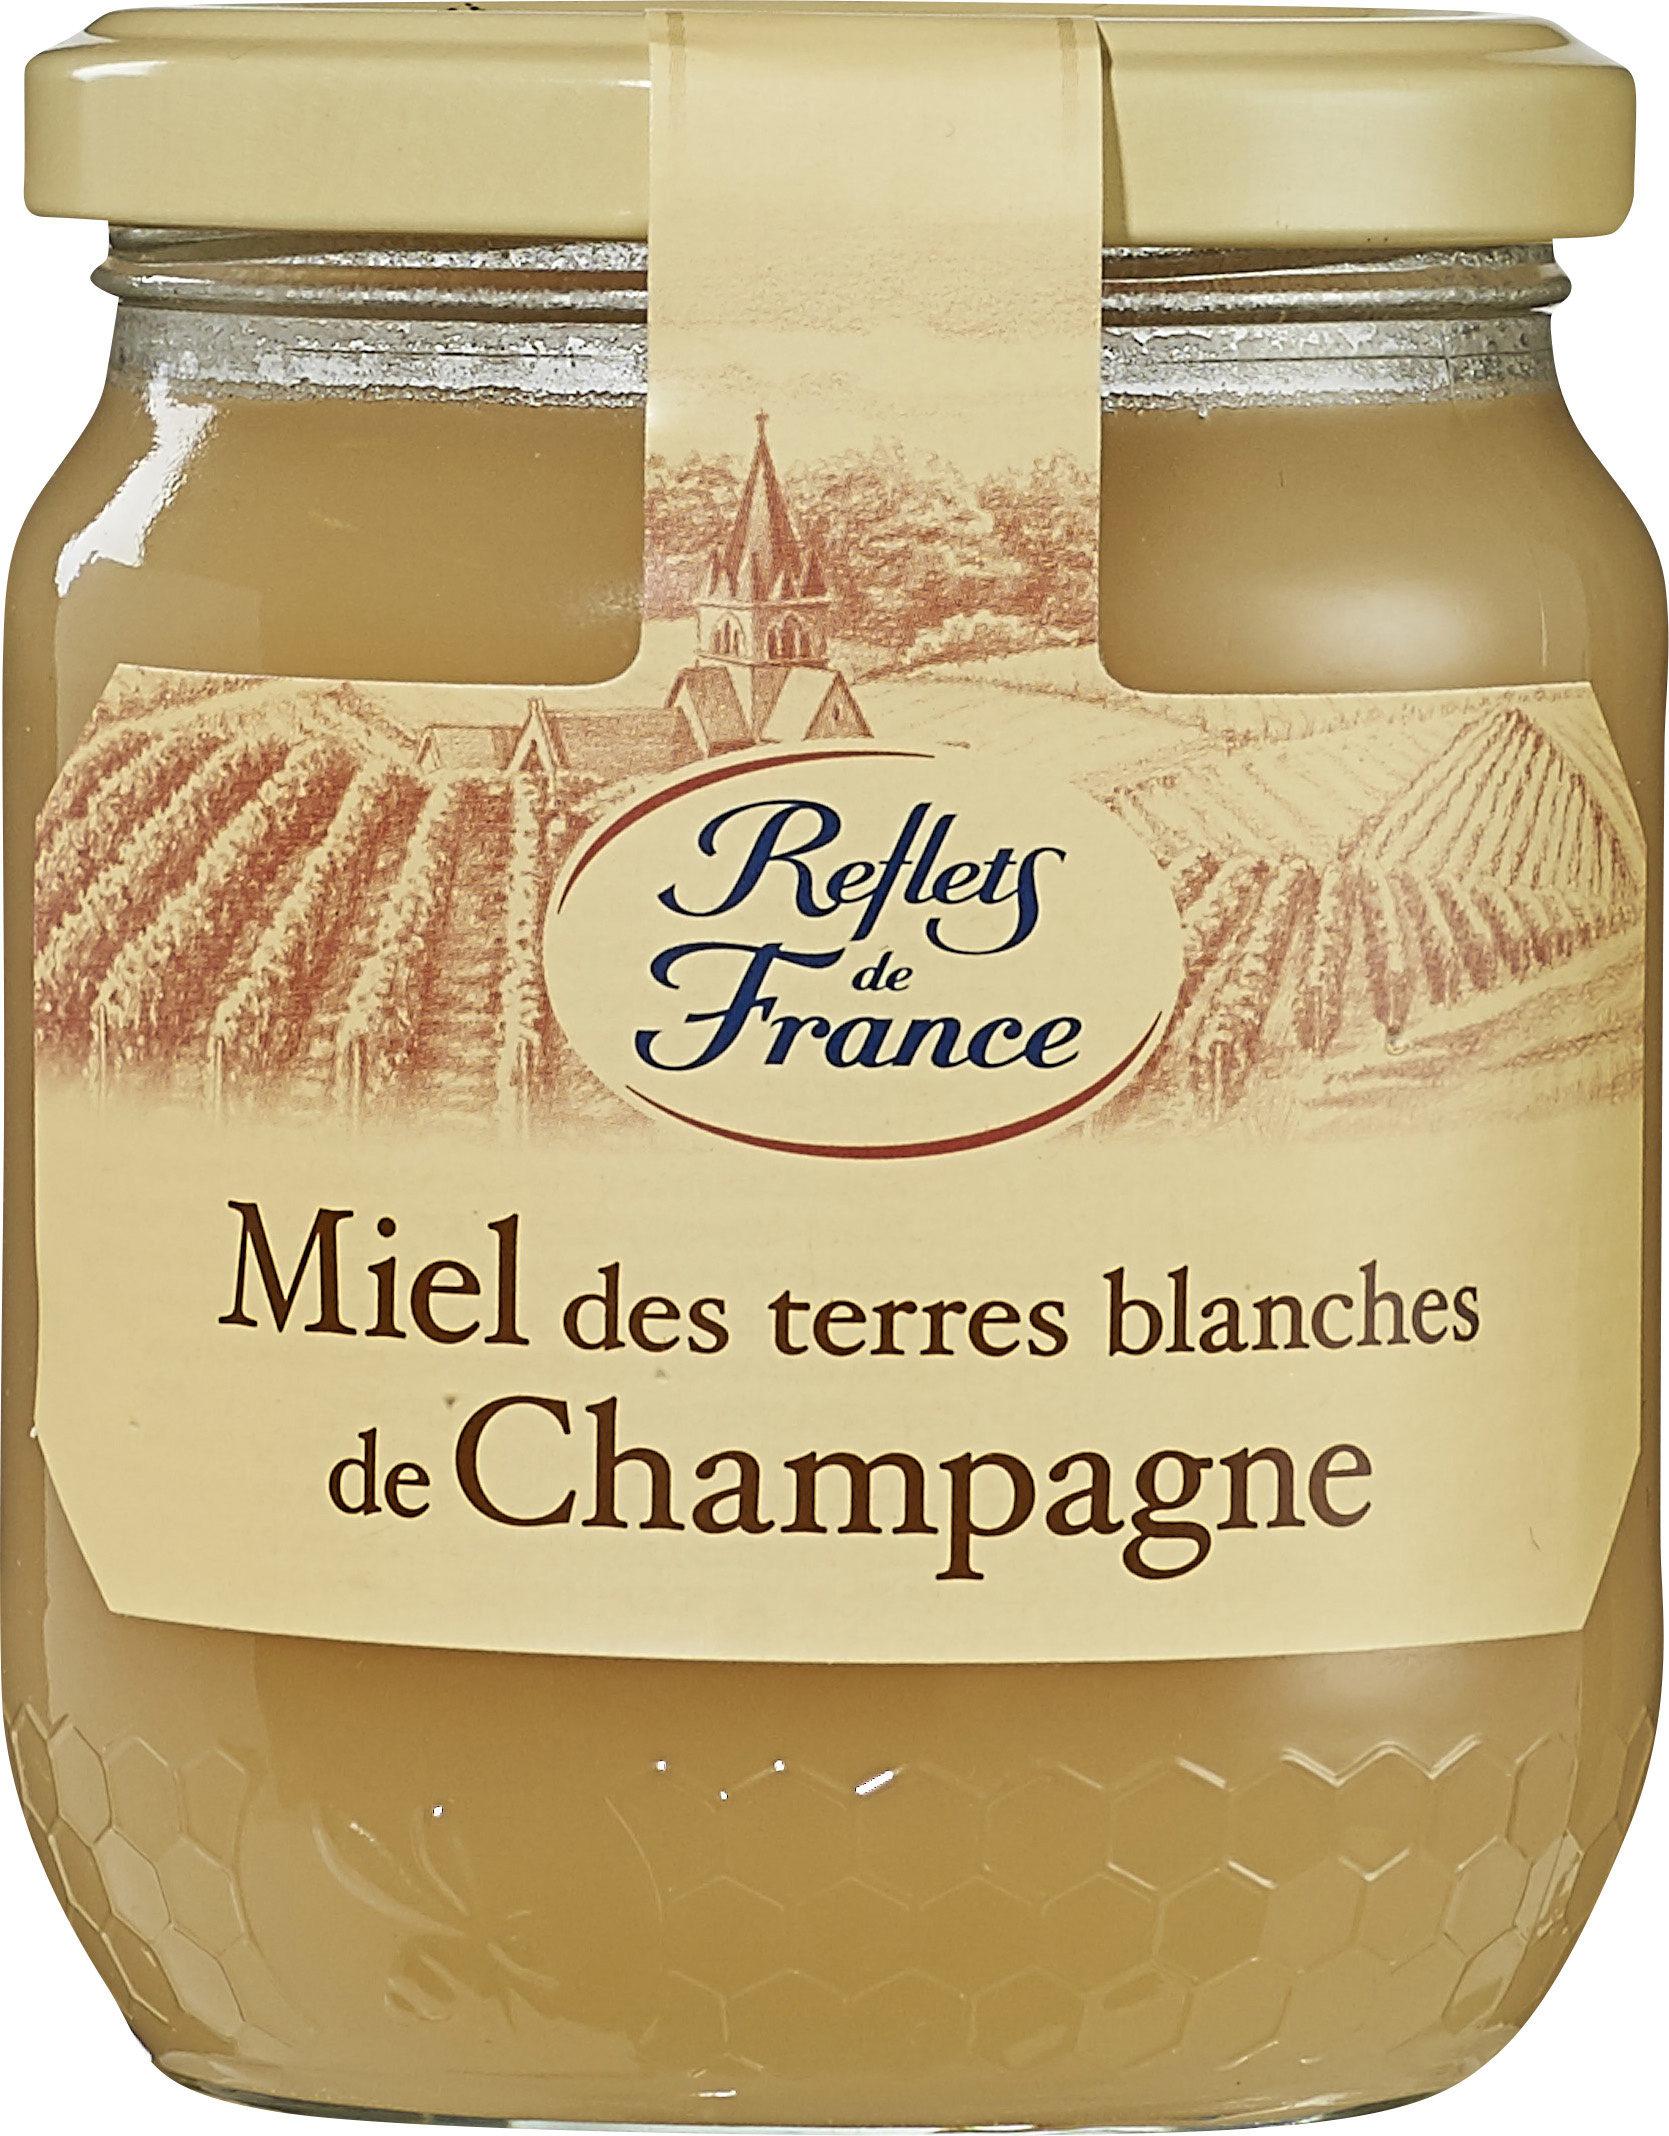 Miel des terres blanches de Champagne - Product - fr